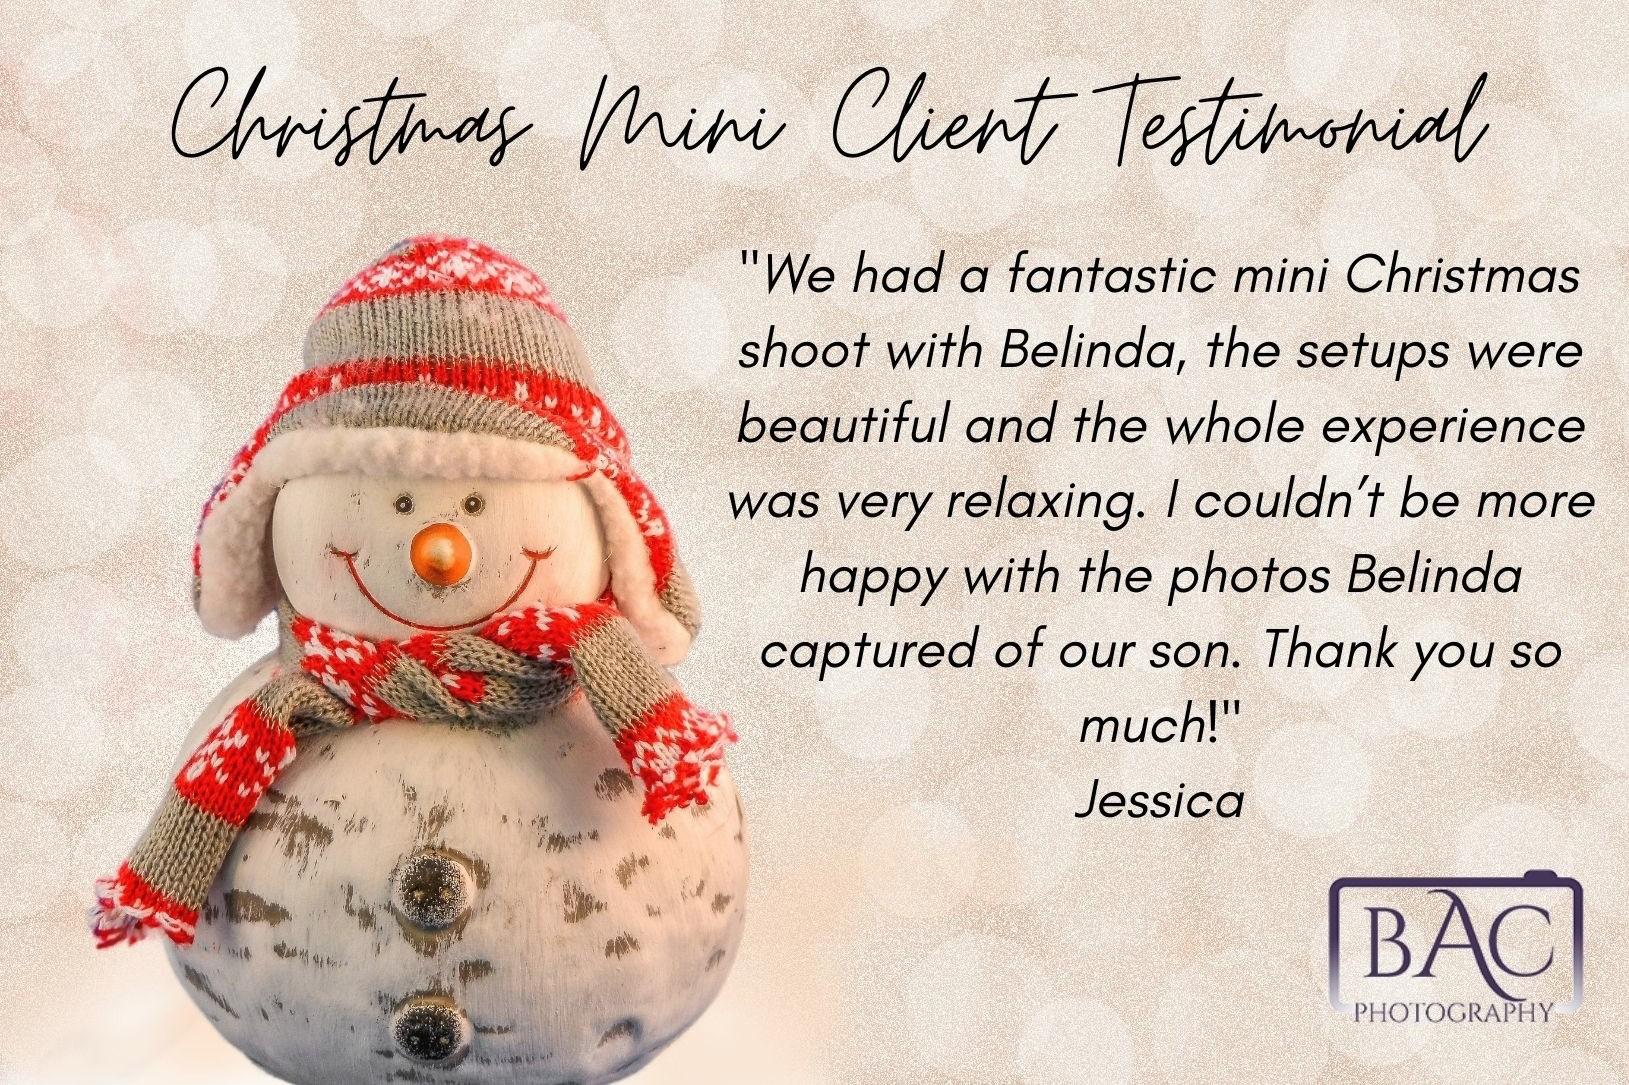 Christmas Mini portrait session client testimonial